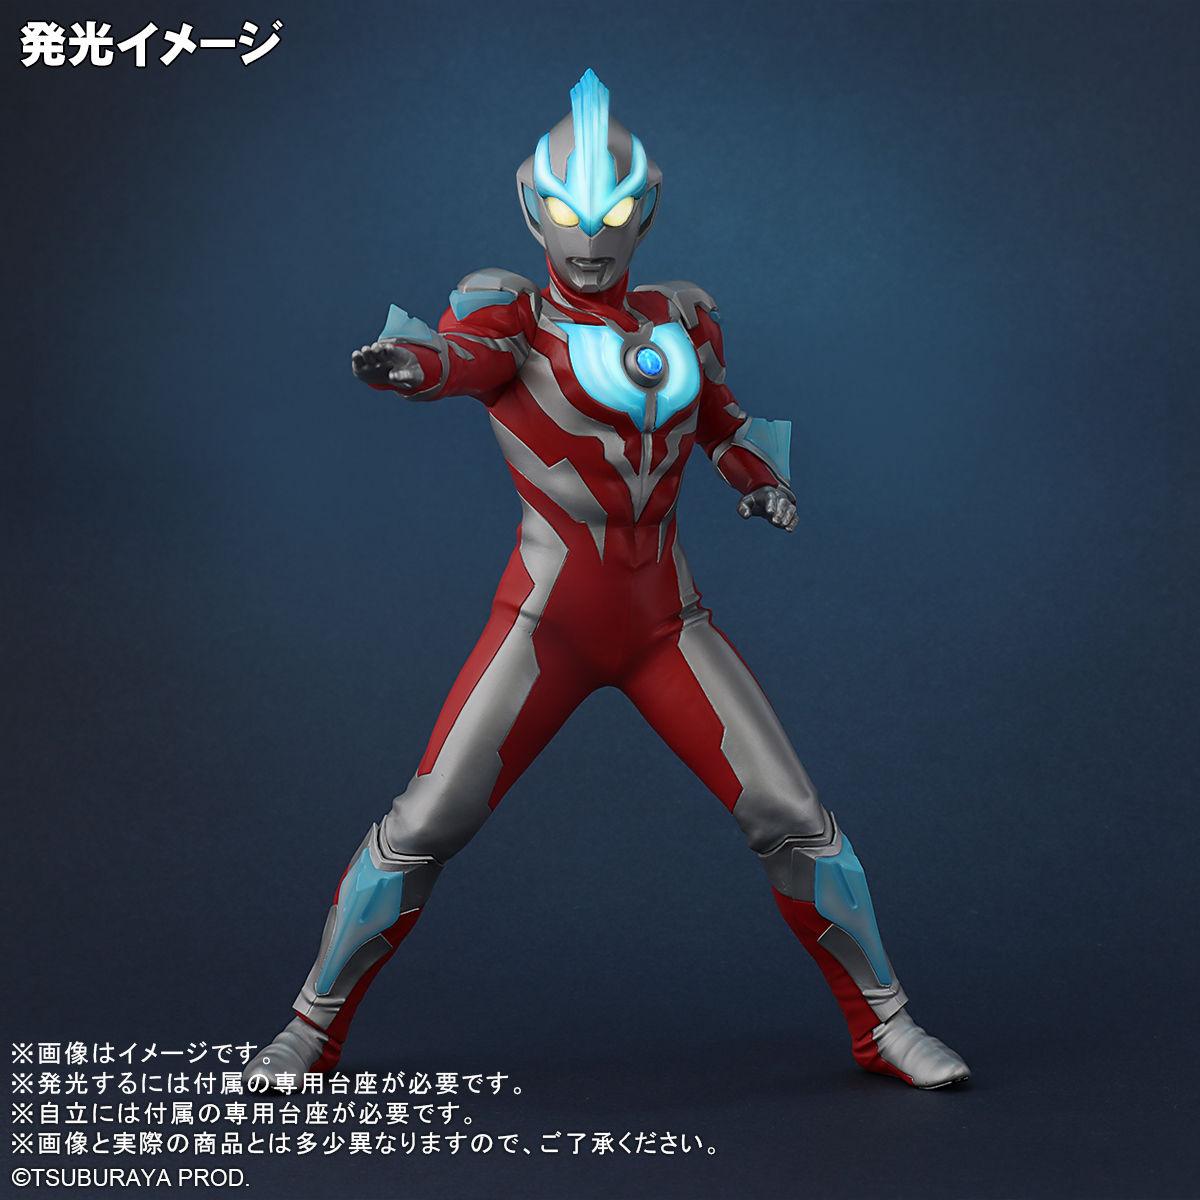 大怪獣シリーズ ULTRA NEW GENERATION『ウルトラマンギンガ』完成品フィギュア-008